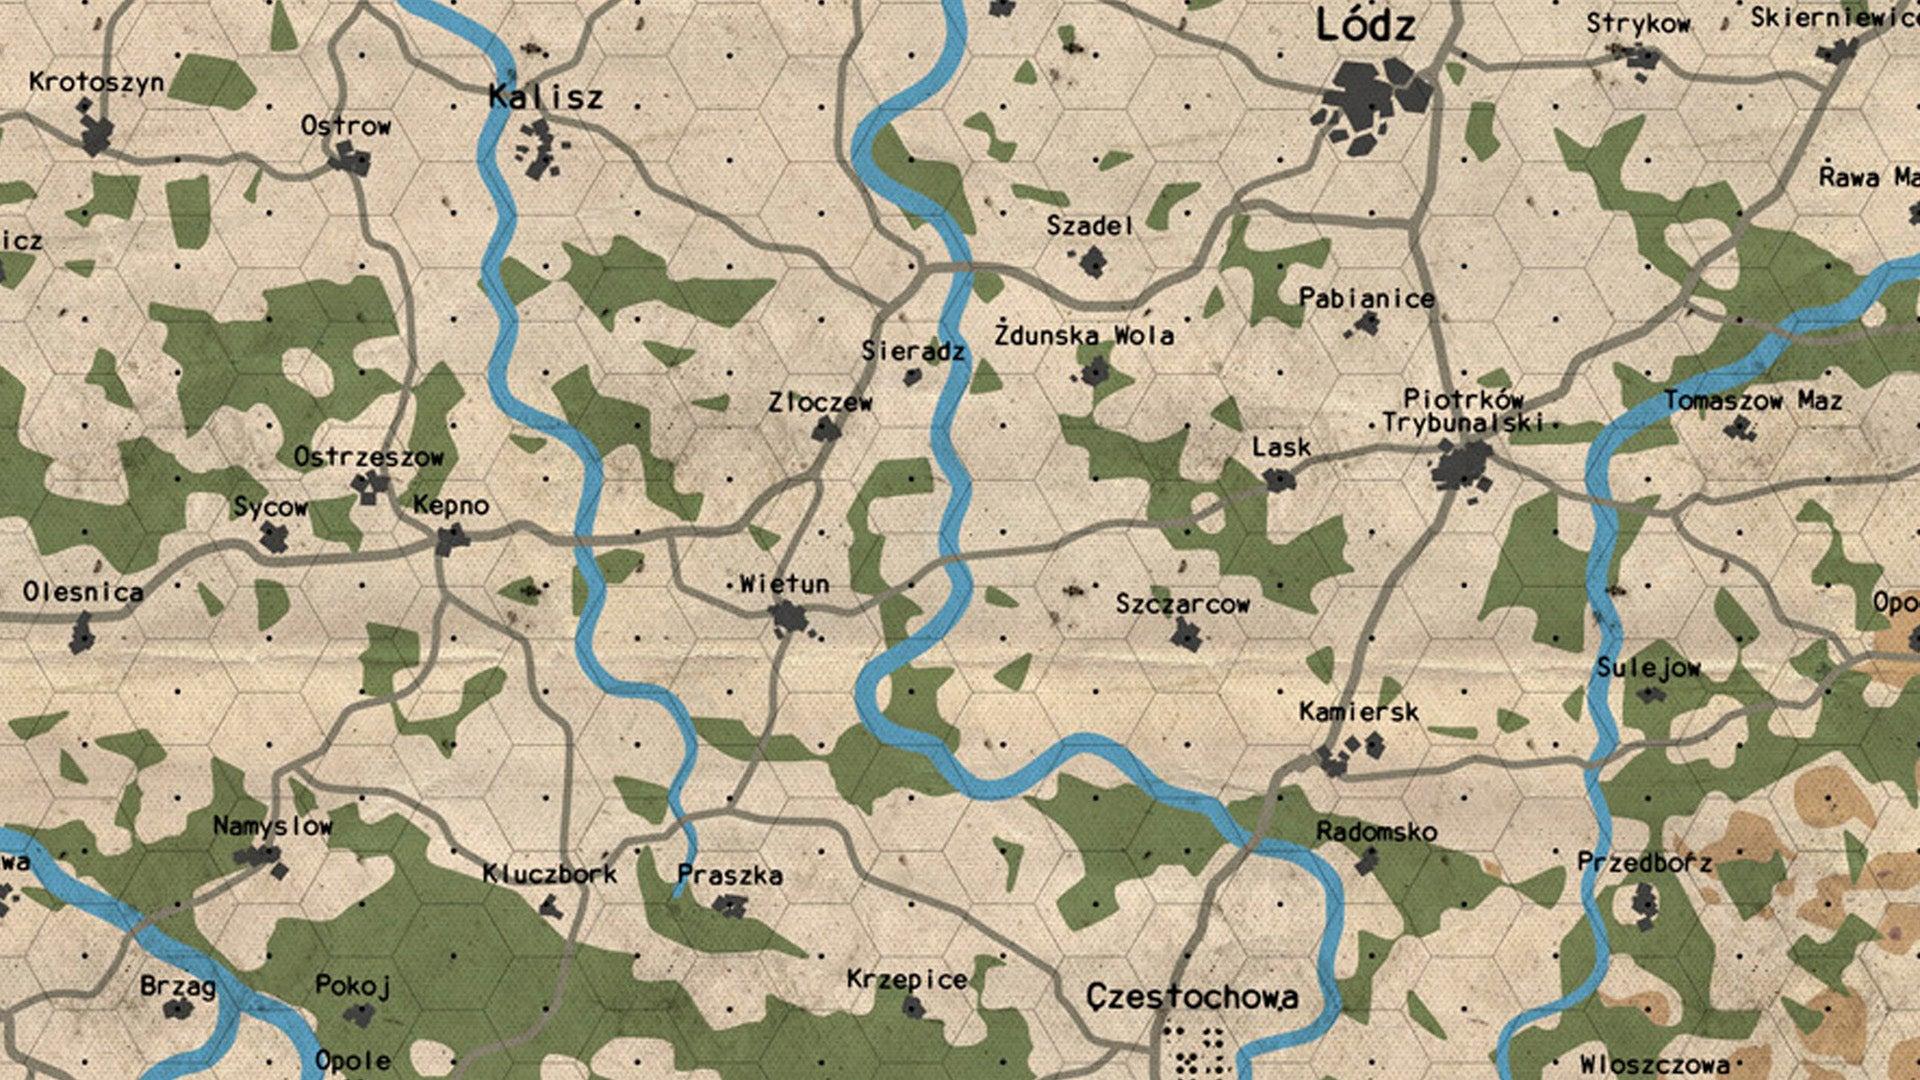 twilight-2000-4e-tabletop-rpg-poland-map-art.jpg